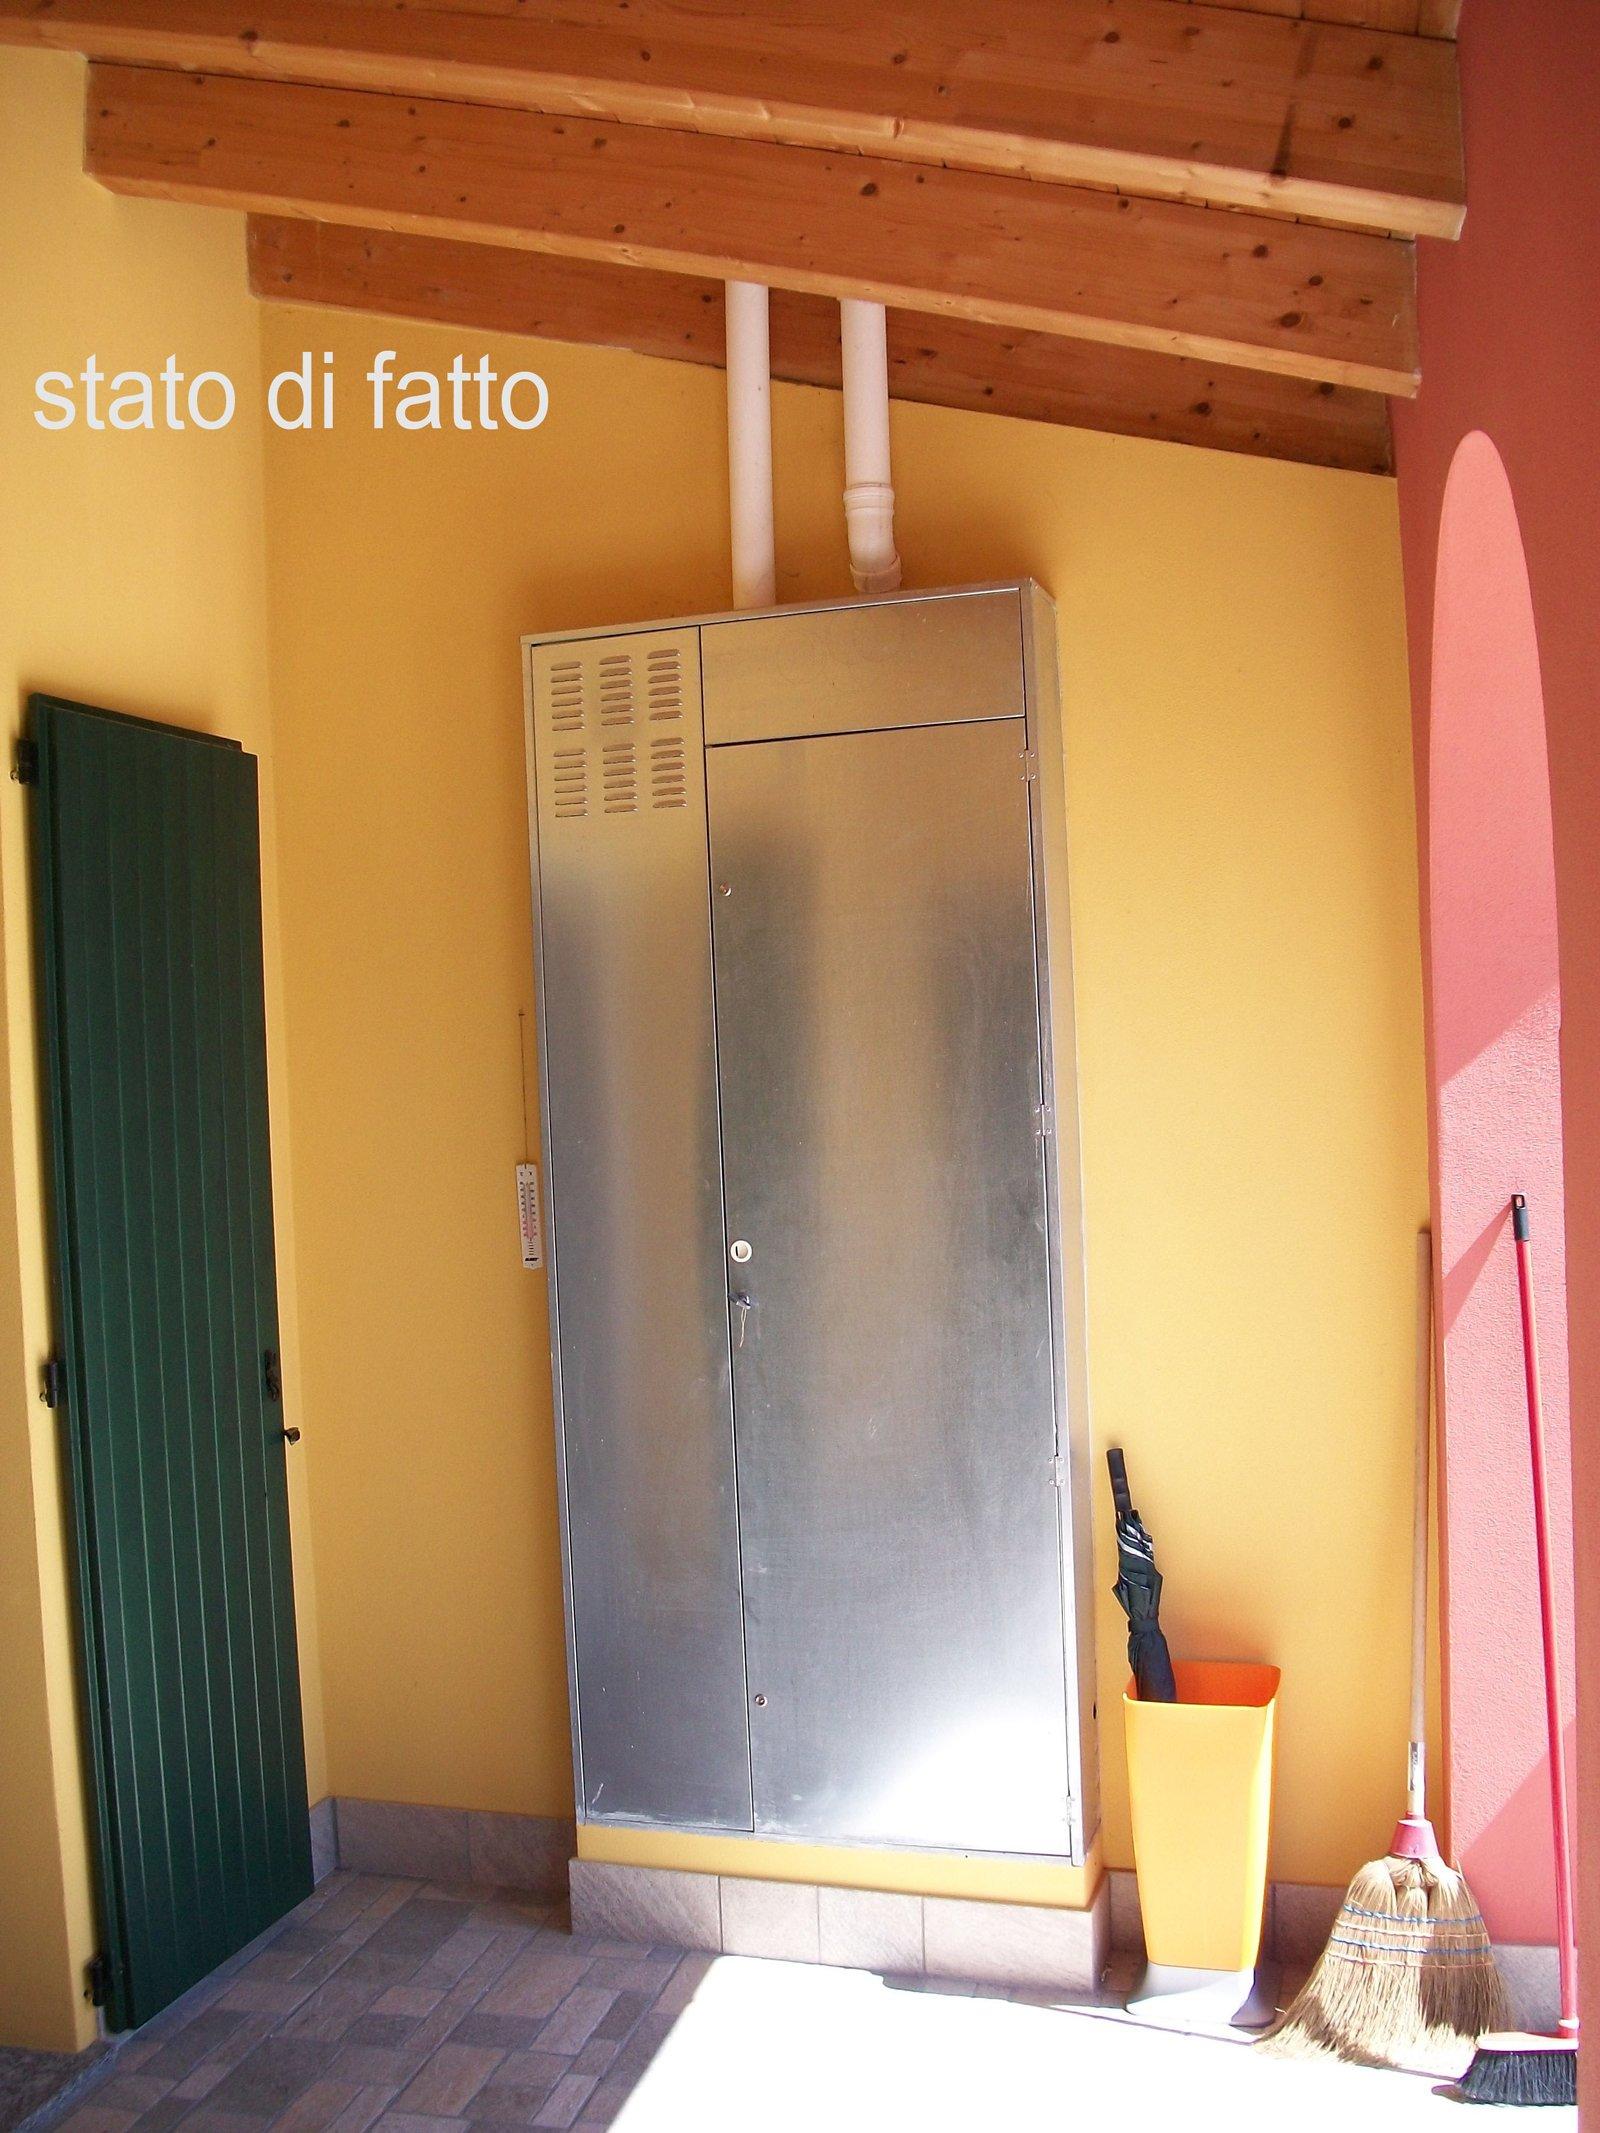 Come mimetizzare la caldaia esterna cose di casa for Calcolatrice personalizzata per la casa